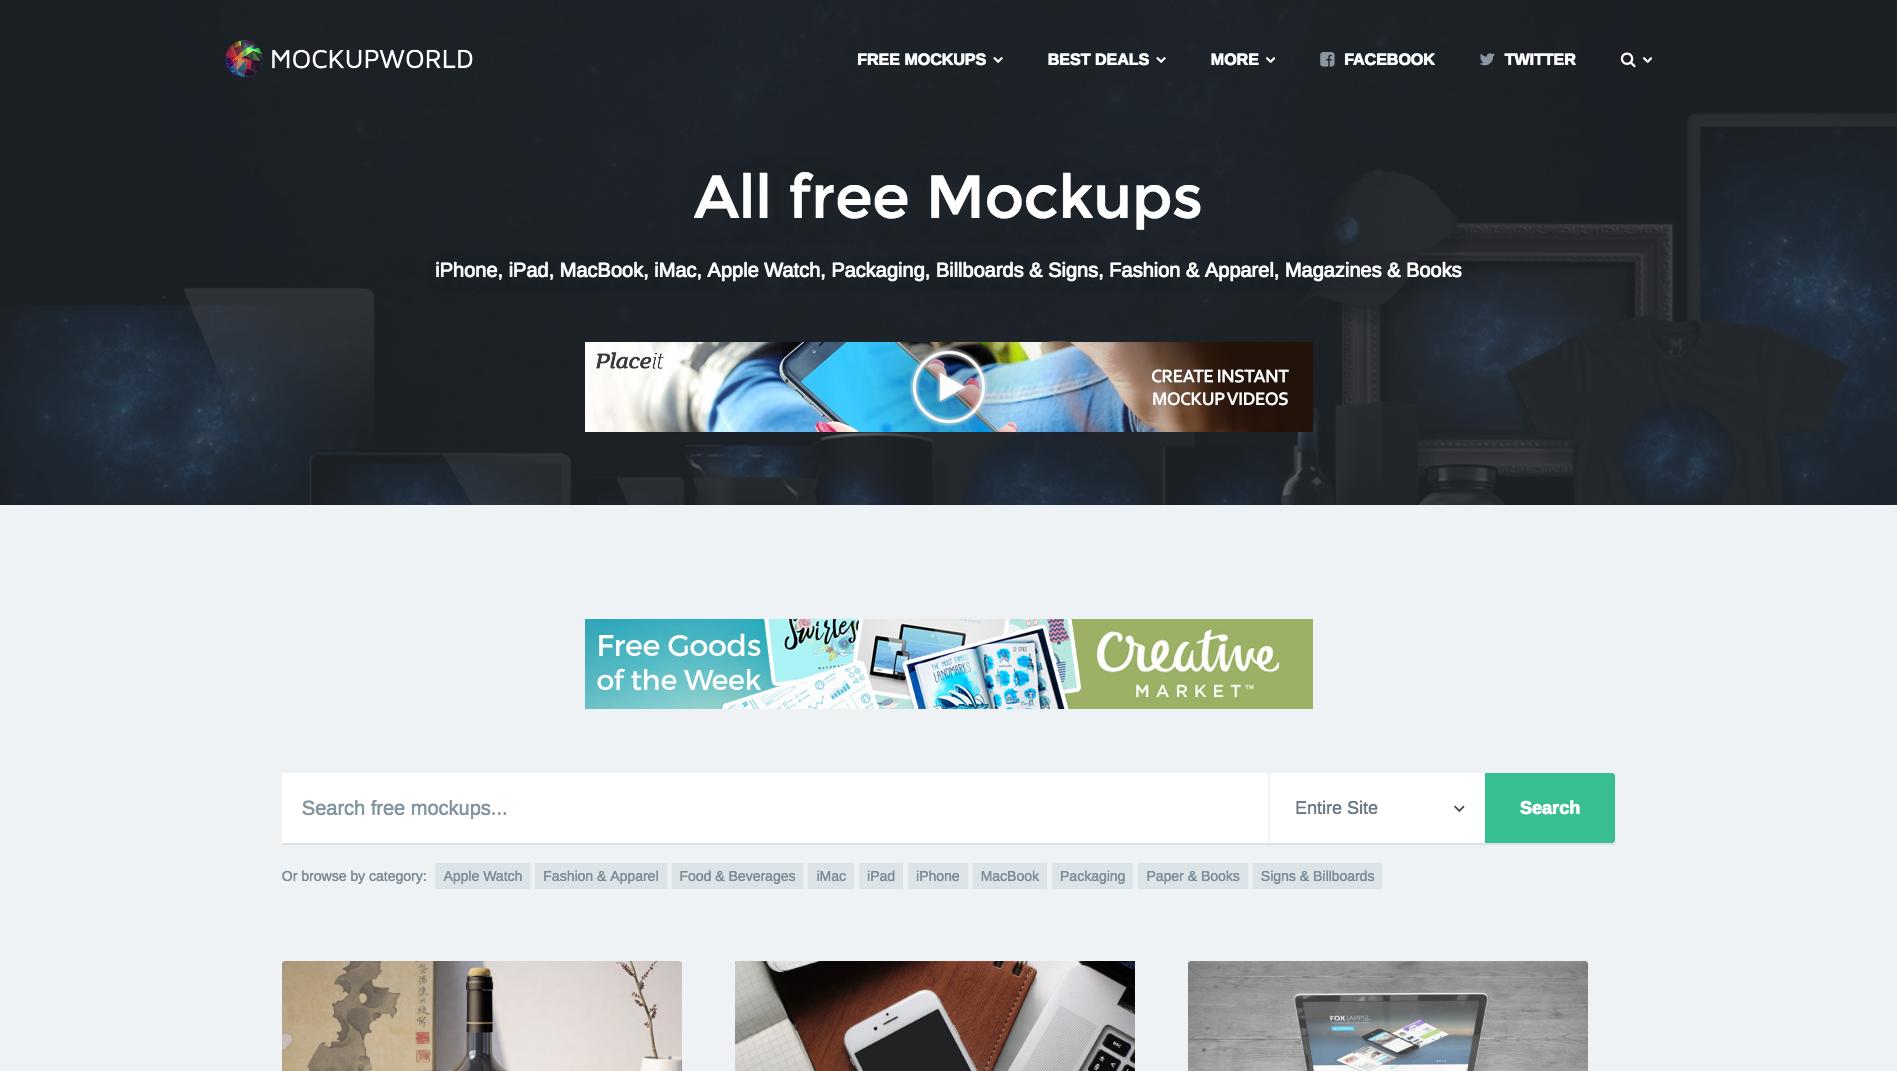 All Free Mockups Https Www Mockupworld Co All Mockups Web Development Design Free Mockup Web Design